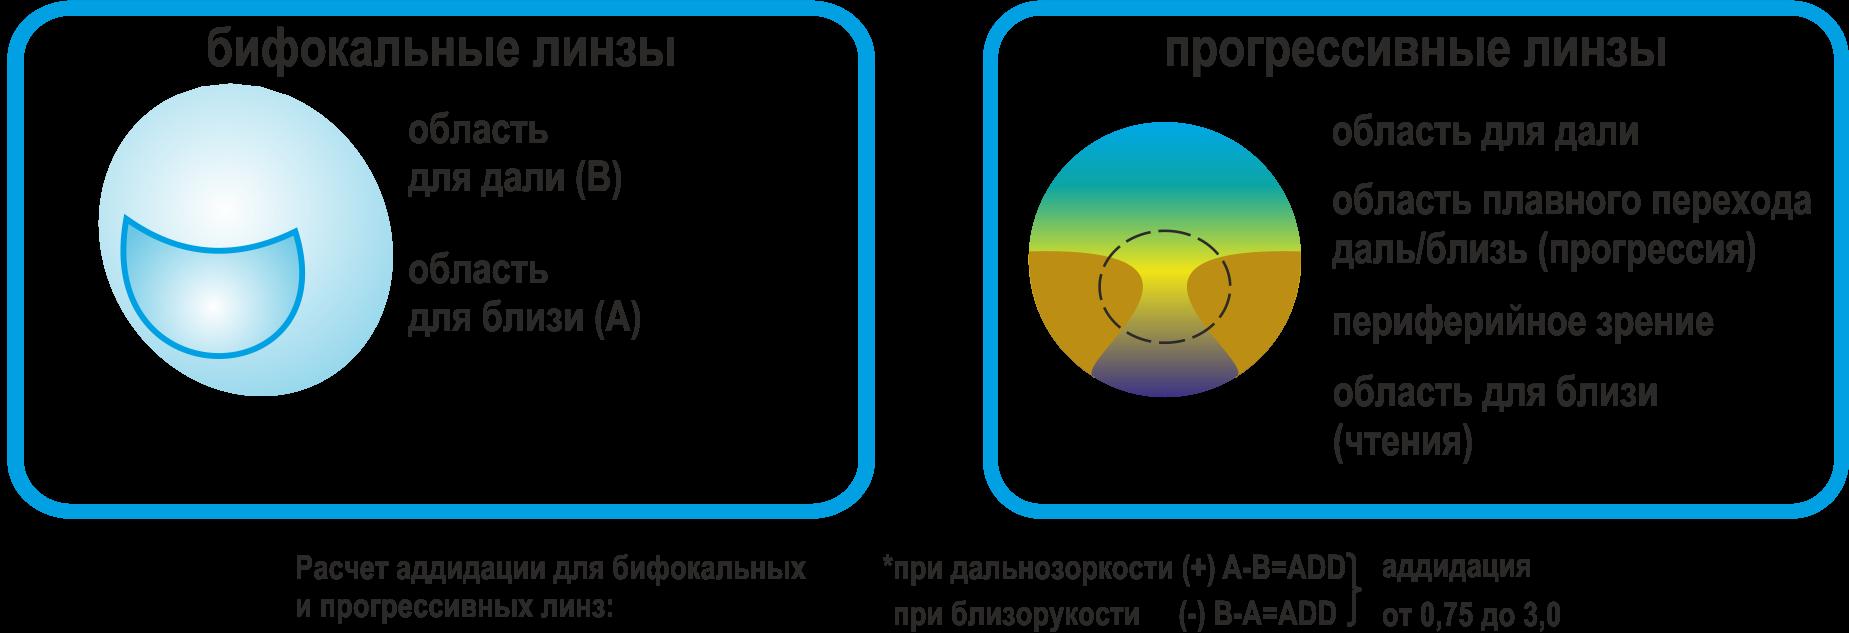 Мультифокальные контактные линзы - что это такое, как выбрать, для близи и дали одновременно, разновидности и цены